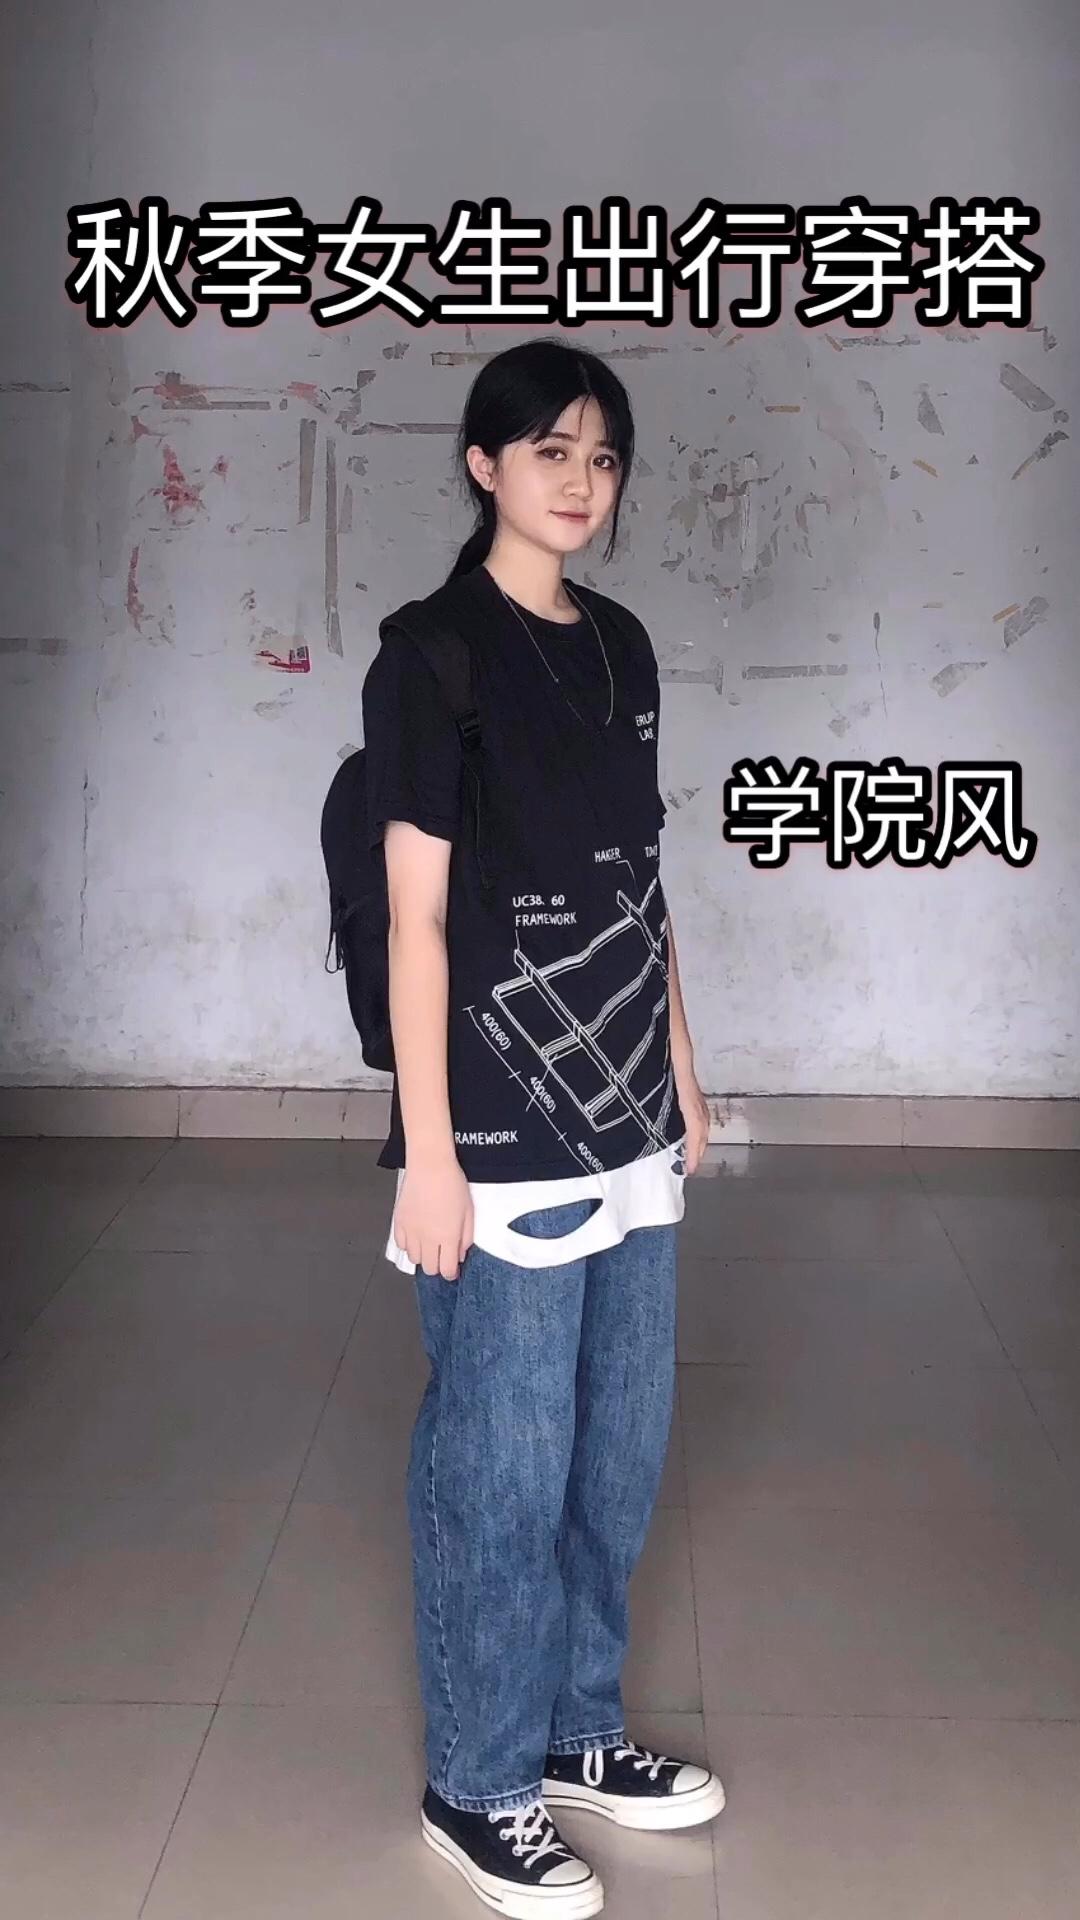 #心机显瘦LOOK,稳坐朋友圈C位# 👕:优衣库 这件上衣简直是我19年最喜欢的一件单品了。超级好搭配衣服,而且宽松显瘦。颜色这个高级灰也是真的好看。  👖:浮华 这件裤子我新入手了的,一直想买一件性价比高的裤子,看了好久选了这款。果然没有让我失望!!布料不会很闷,透气性强。而且特别宽松,运动什么的都没有问题的!强烈推荐。  鞋子:converse 这双百搭鞋子真的不想再怎么夸了,看图就完事。